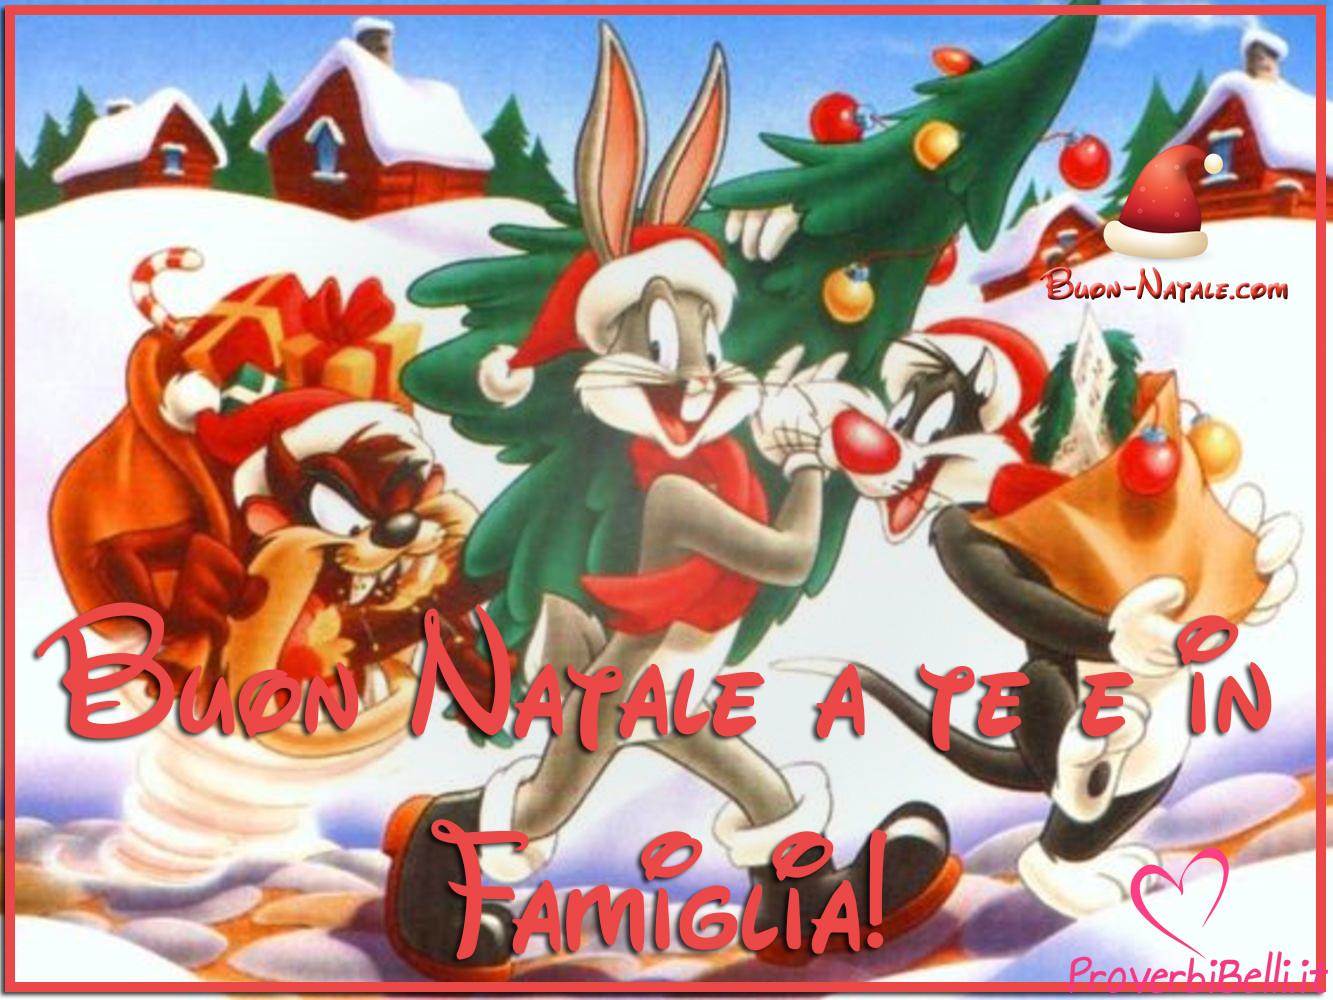 Buon Natale da Mandare agli Amici immagini belle